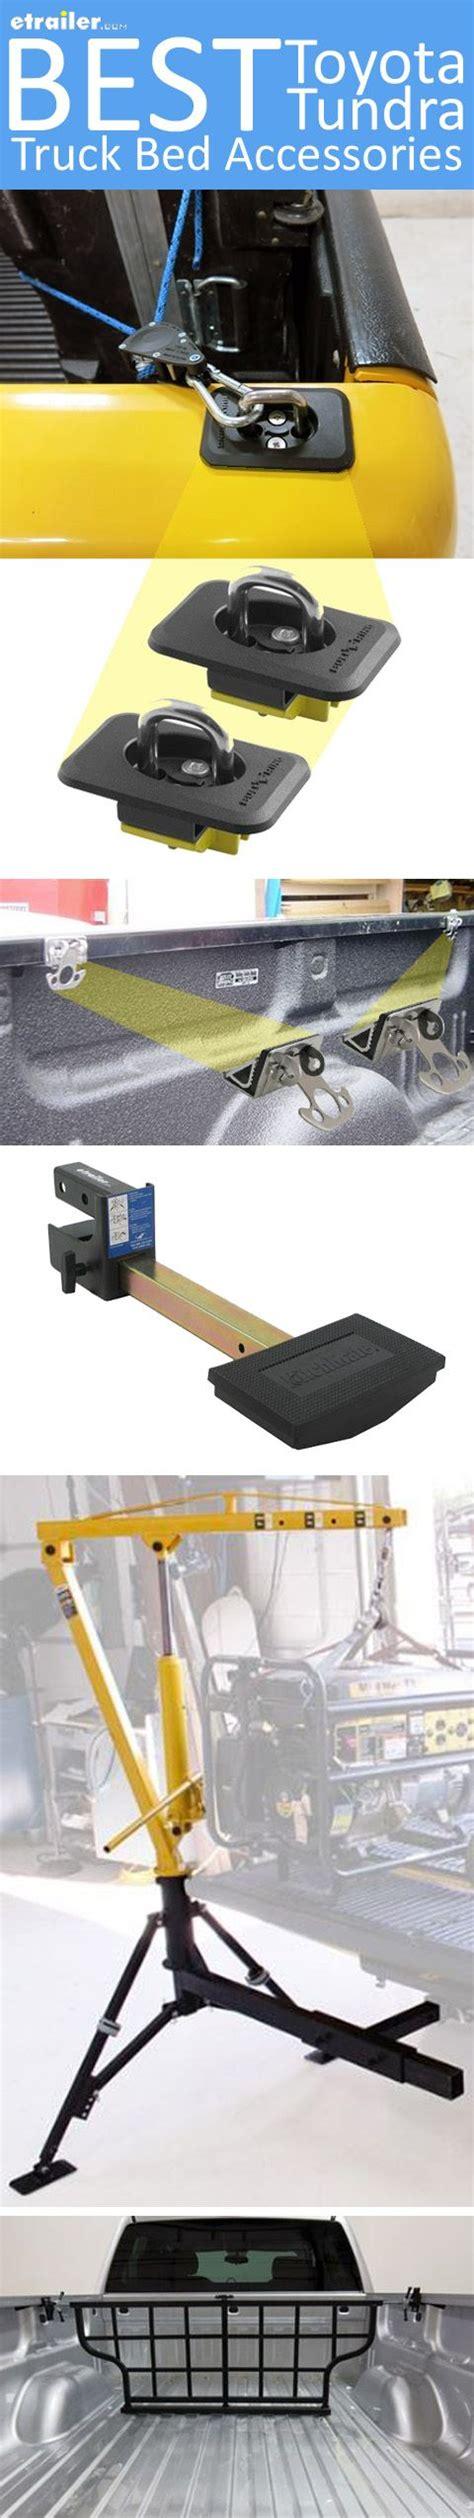 Best Truck Accessories Best Truck Bed Accessories Bozbuz